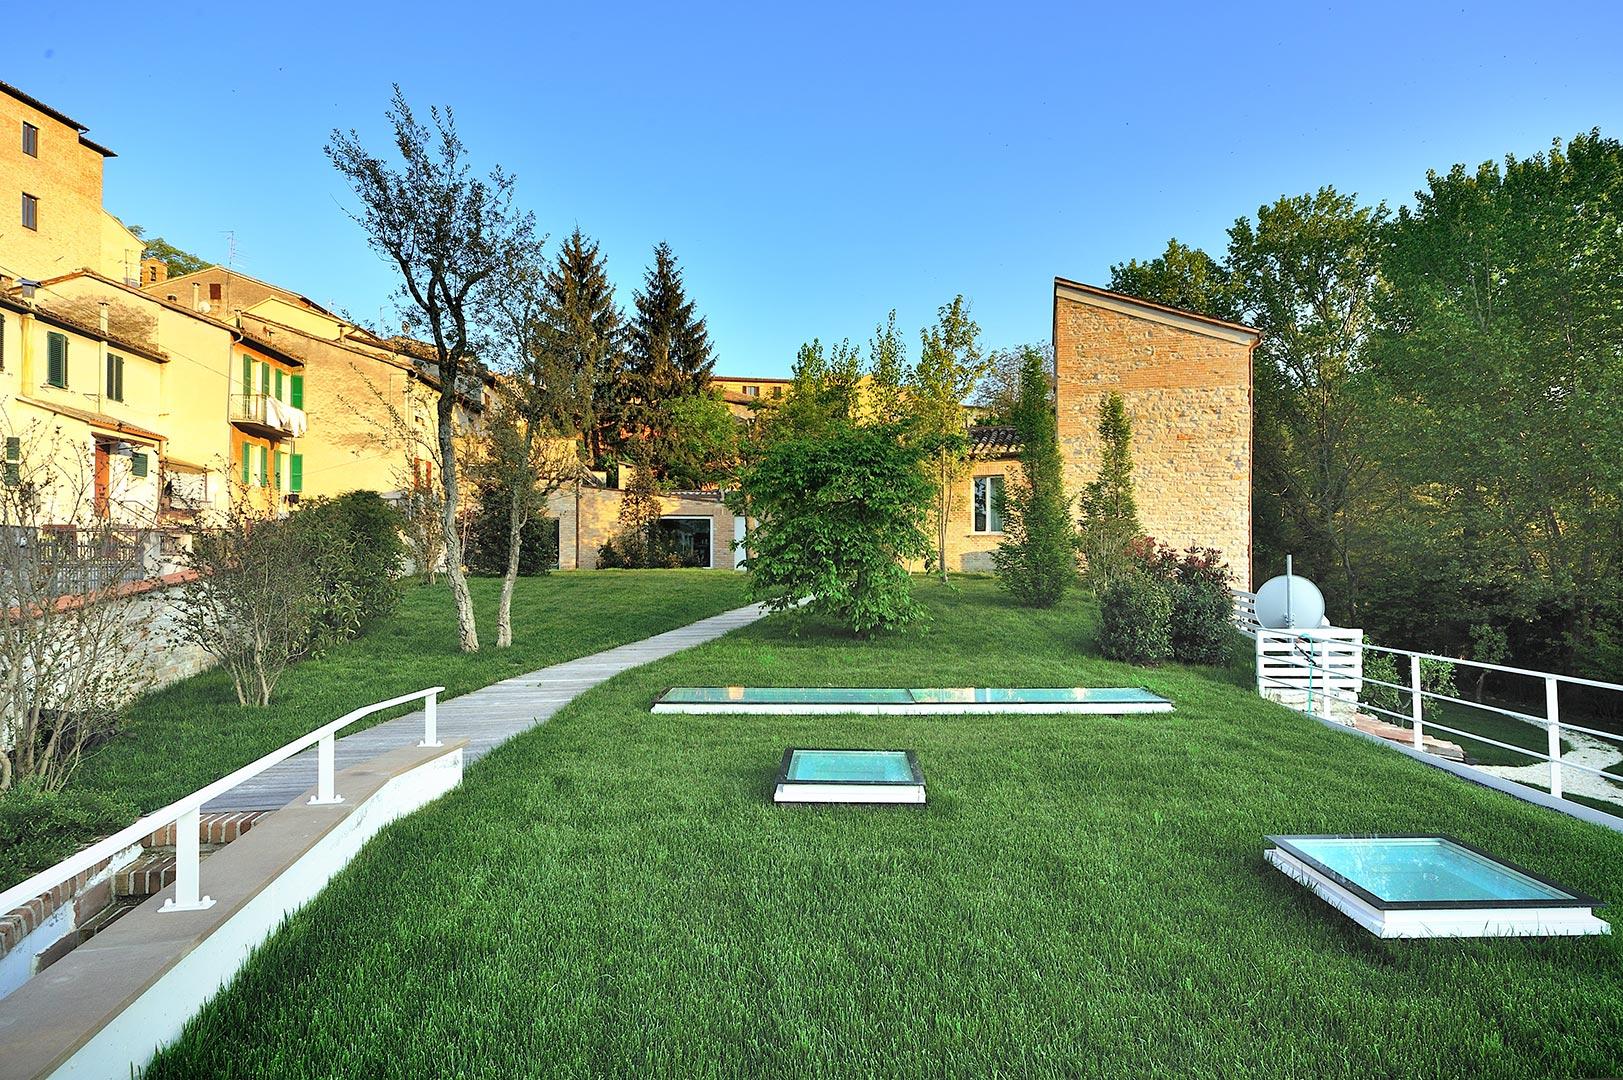 Casa privata fabriano studio bassetti architects - Sogno casa fabriano ...